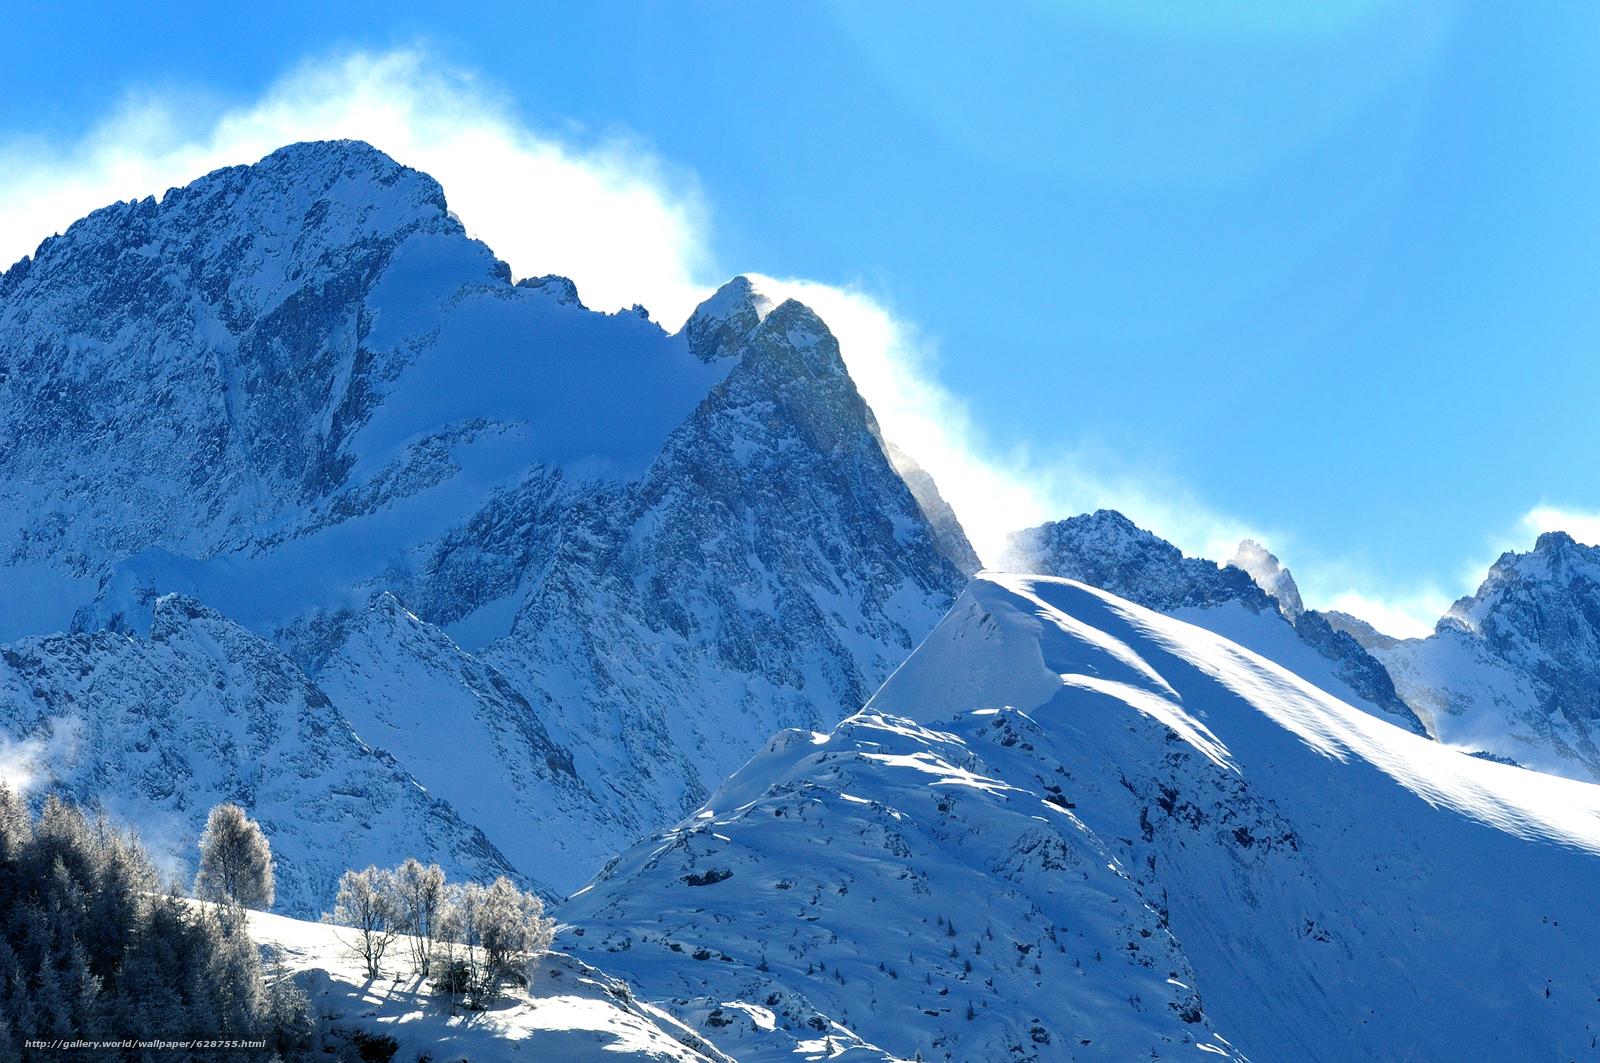 inverno, ?rvores, neve, paisagem, Montanhas